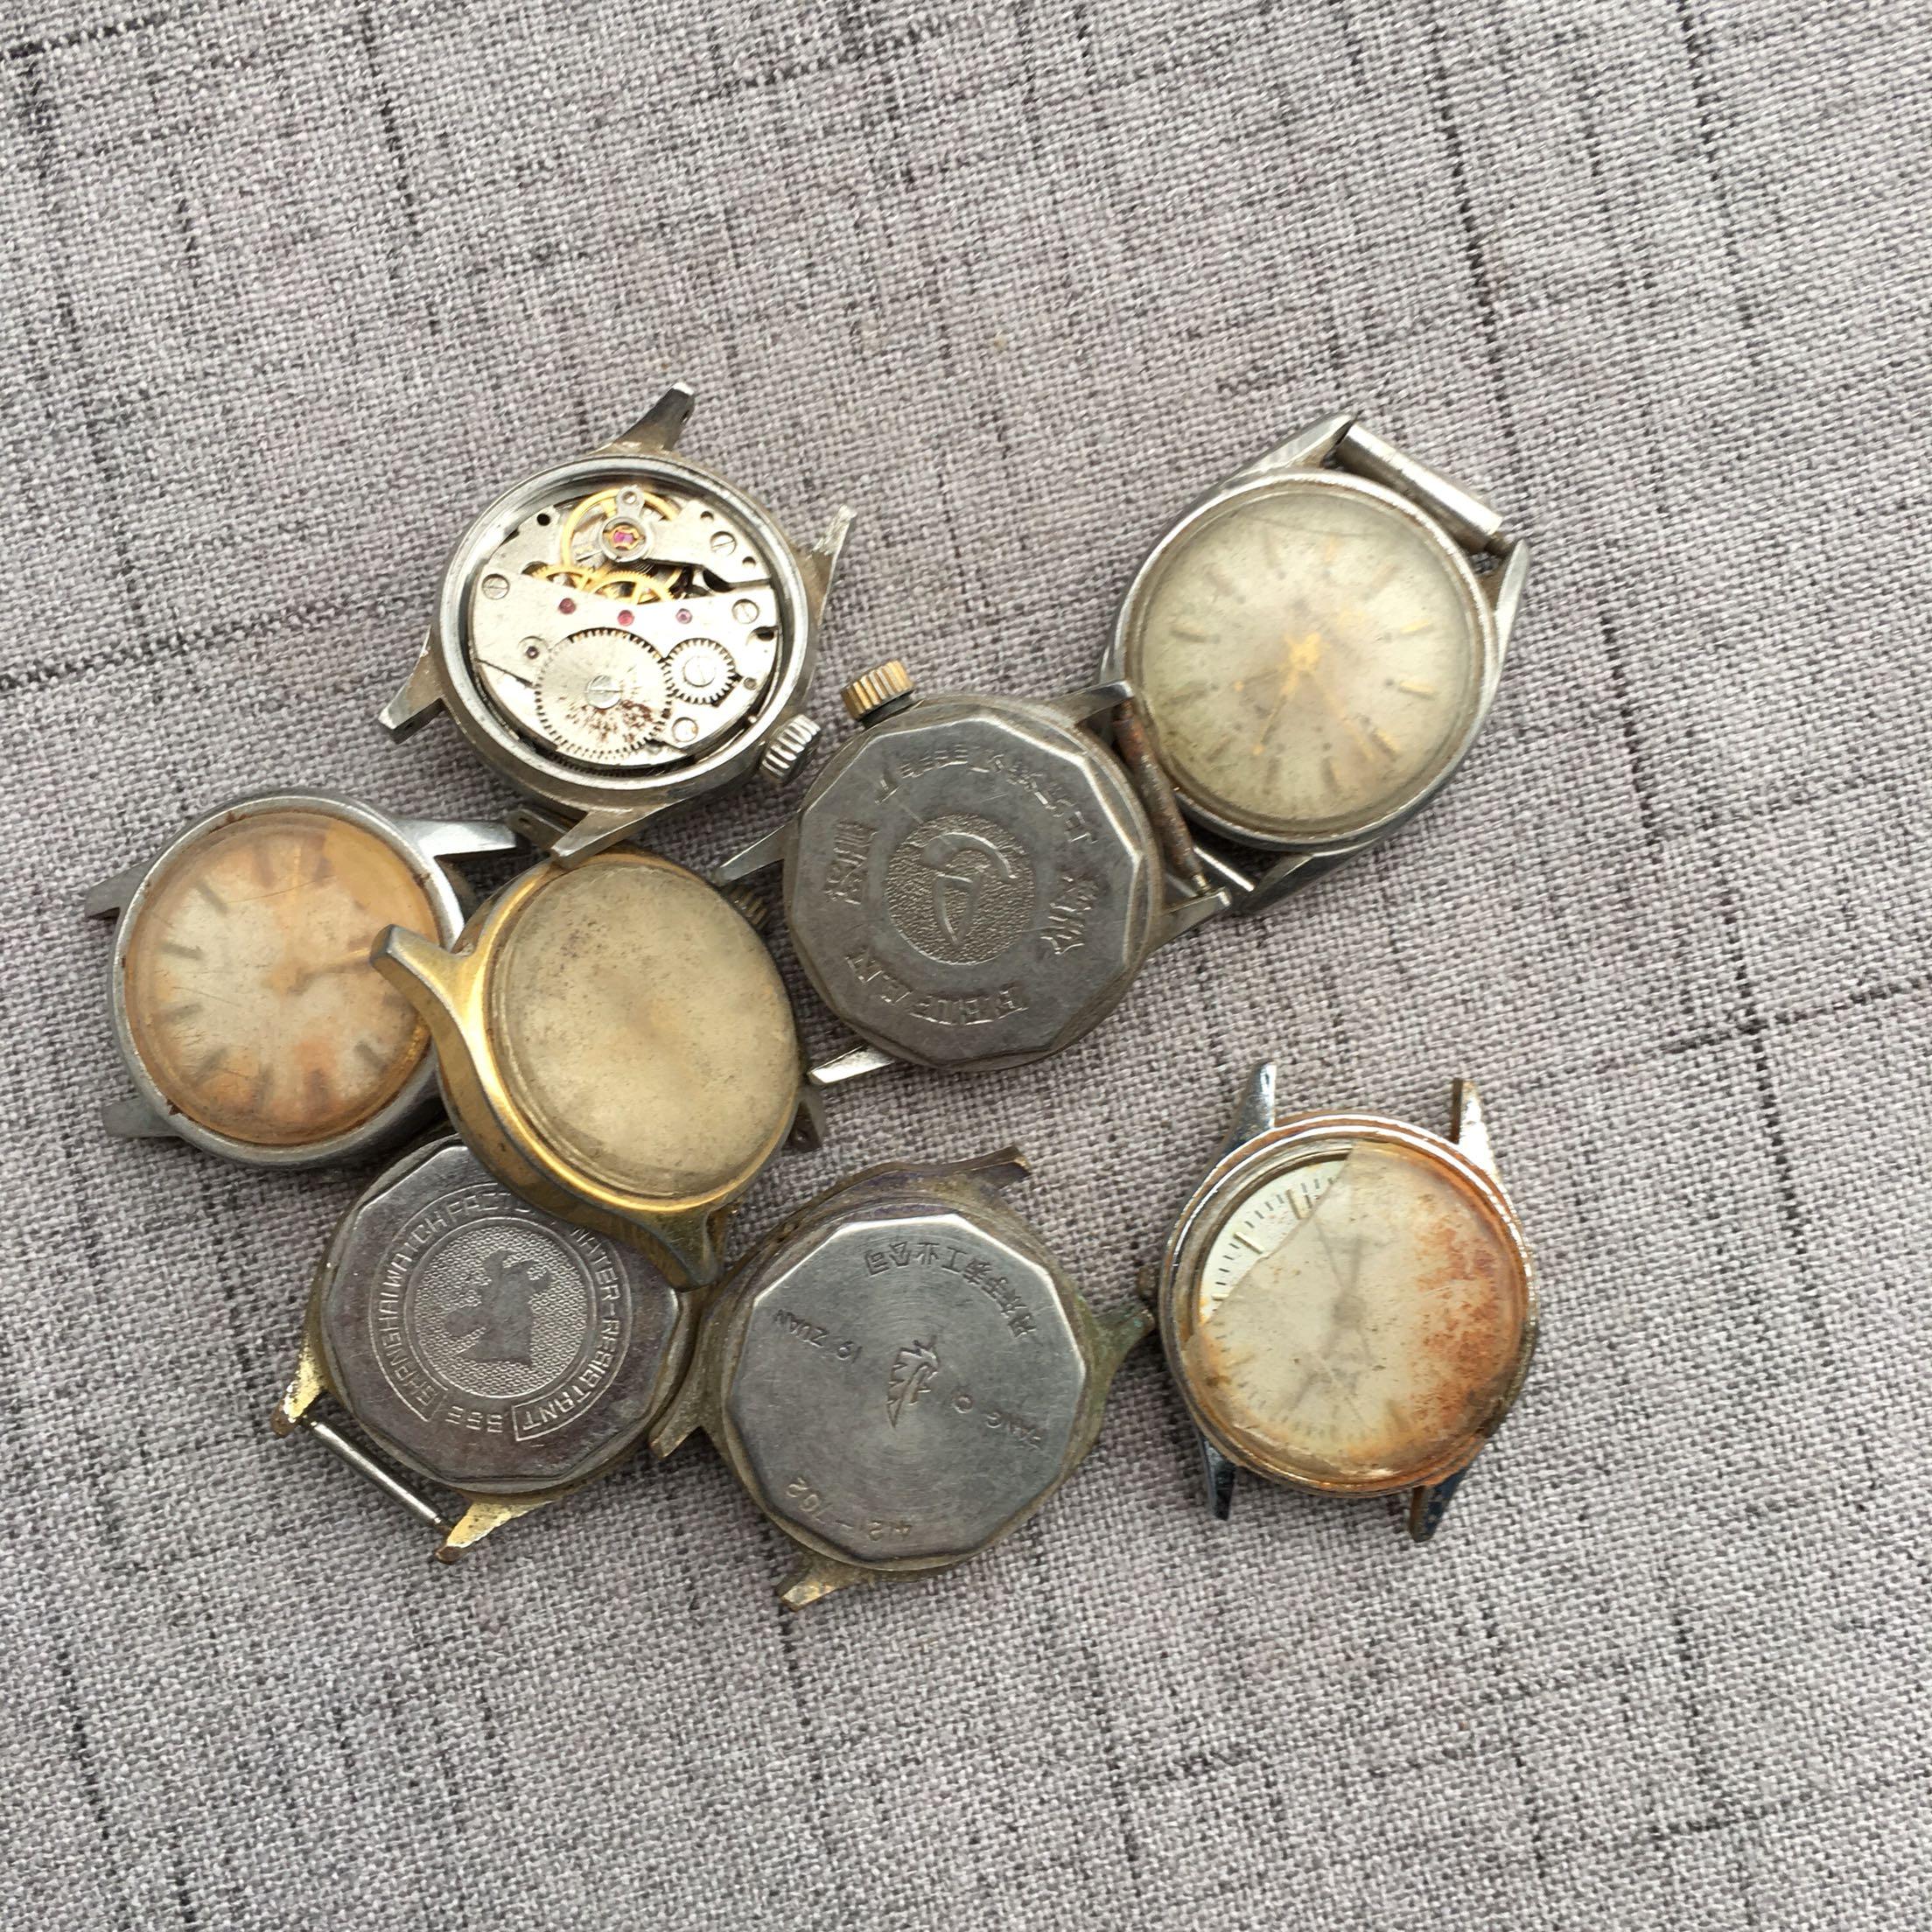 女表练手表拆机练手表旧手表手表配件 蒸汽朋克手工diy材料